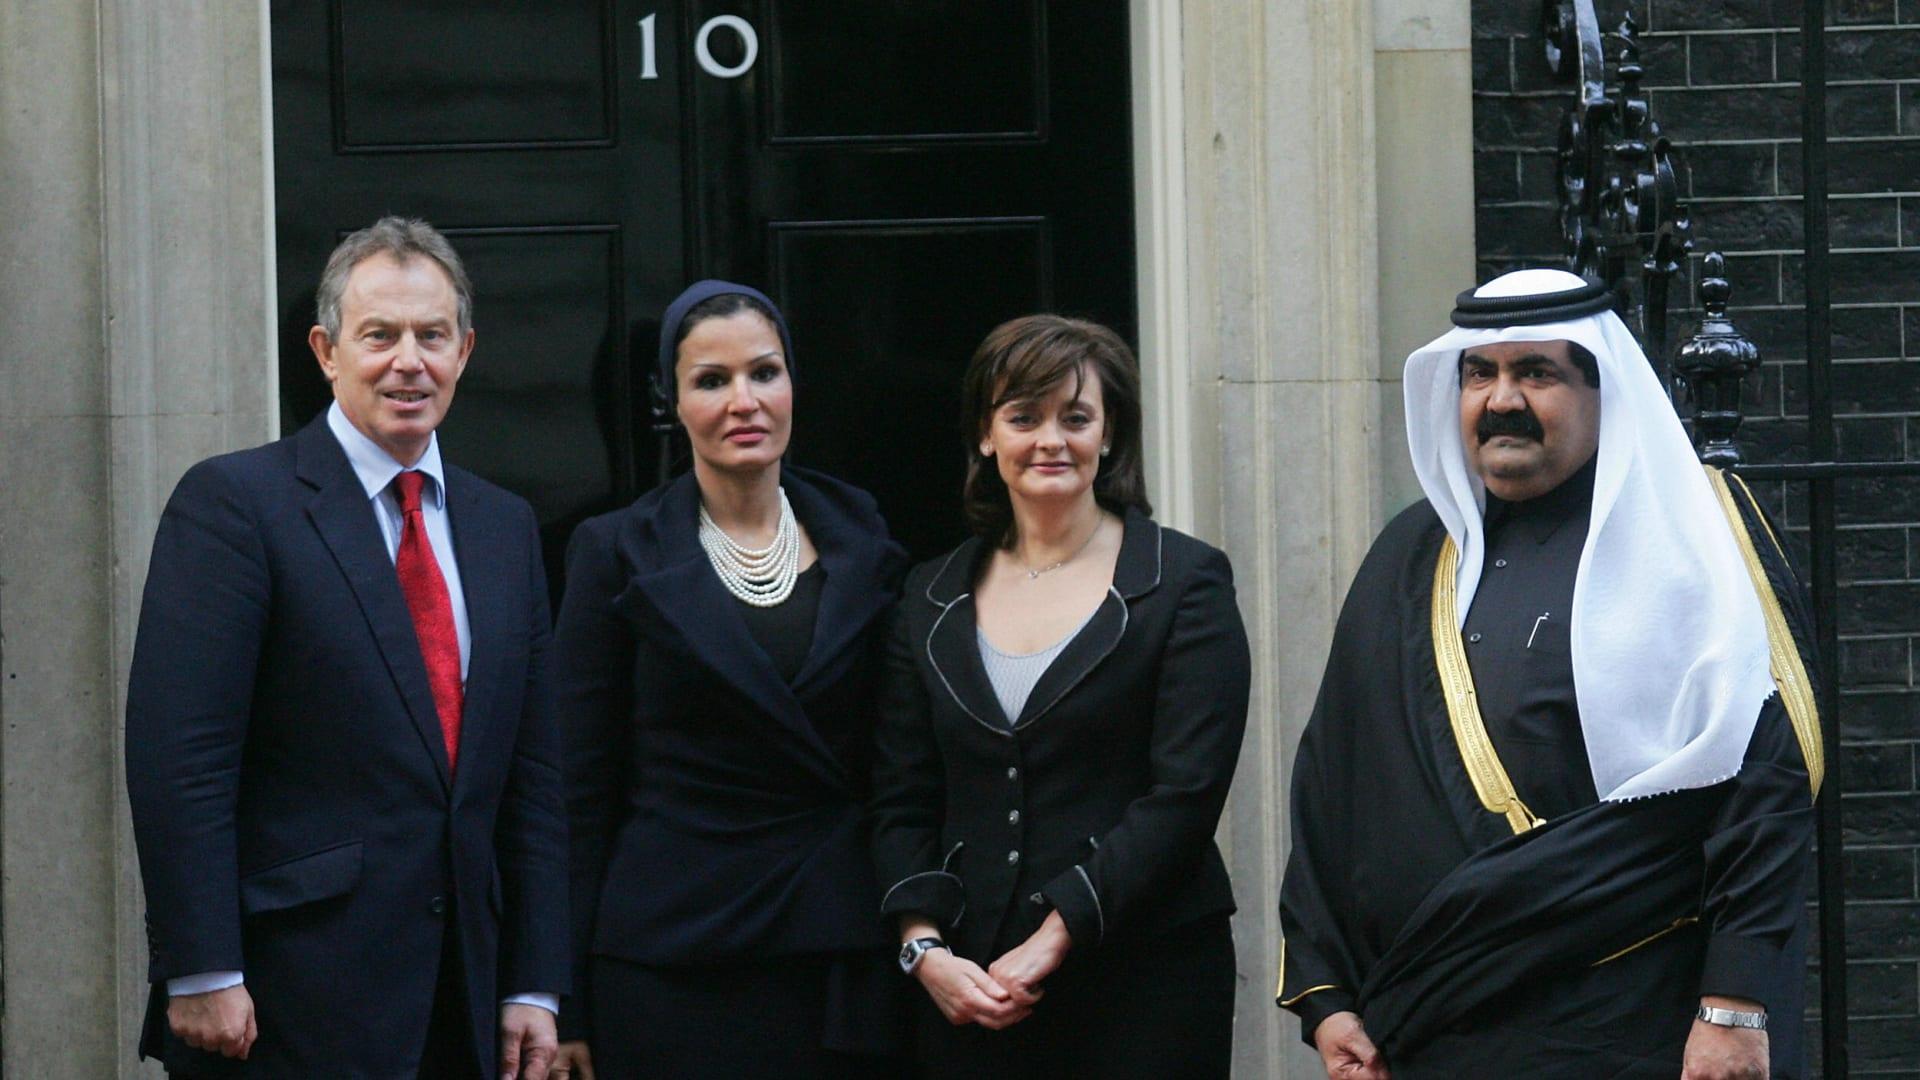 صورة تجمع رئيس الوزراء البريطاني الأسبق طوني بلير وزوجته مع أمير قطر آنذاك الشيخ حمد بن خليفة آل ثاني وزوجته الشيخة موزة بنت ناصر في لندن عام 2006.